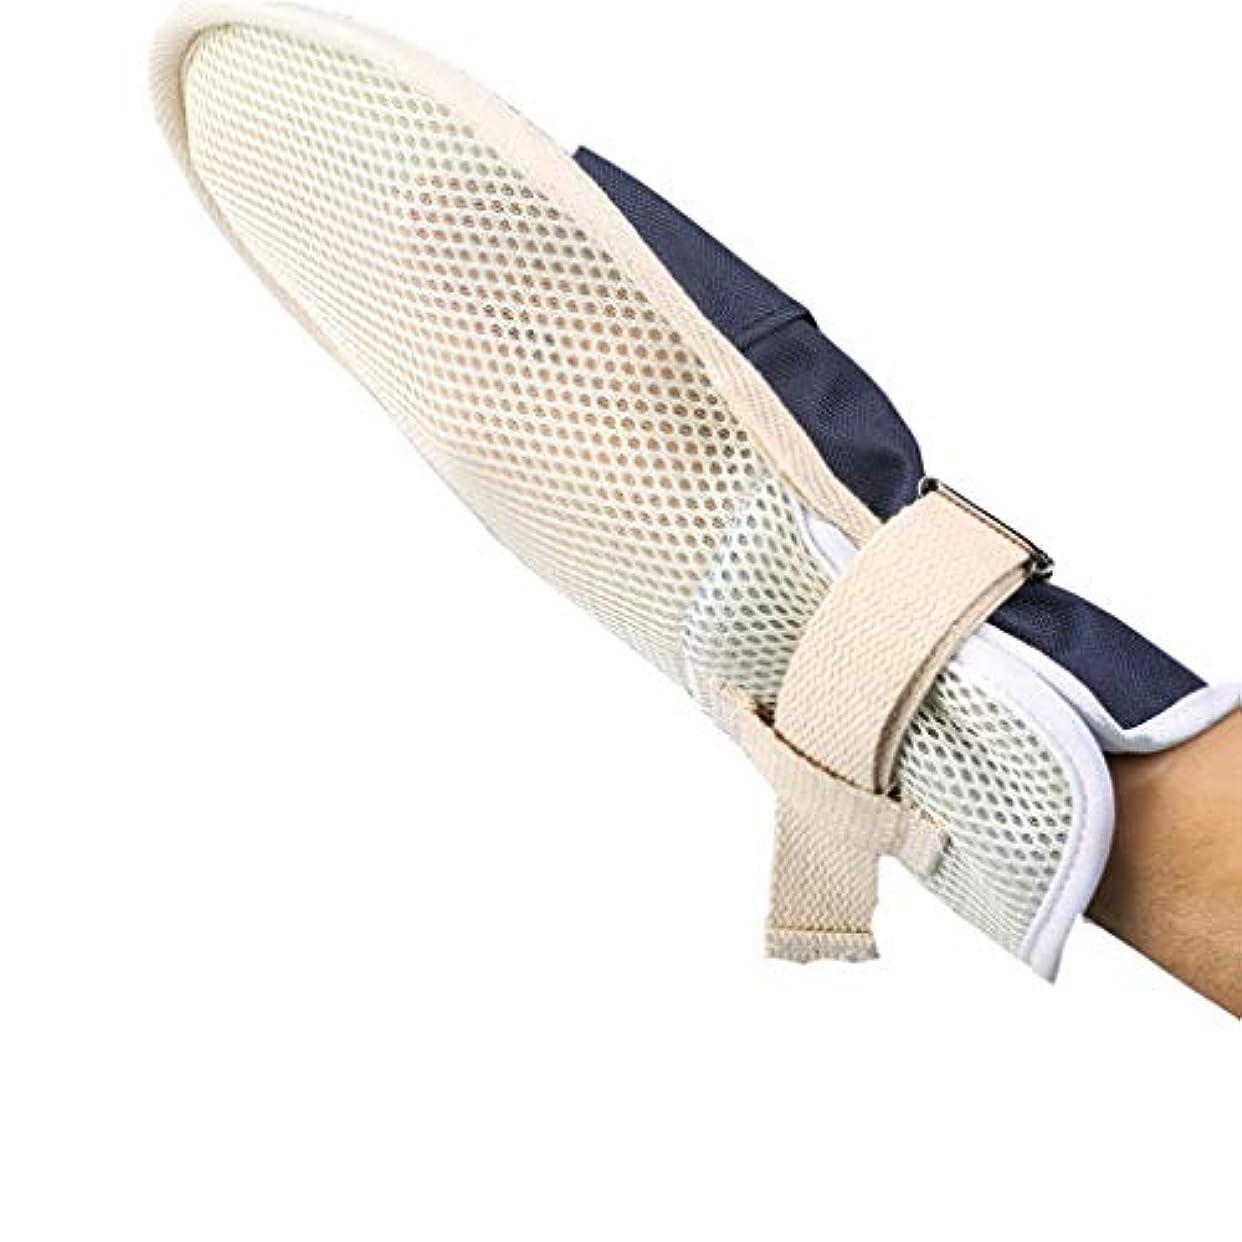 居間仮定、想定。推測シンプルな医療用拘束手袋 - Ospital医療用拘束手袋、予防患者の自己傷害